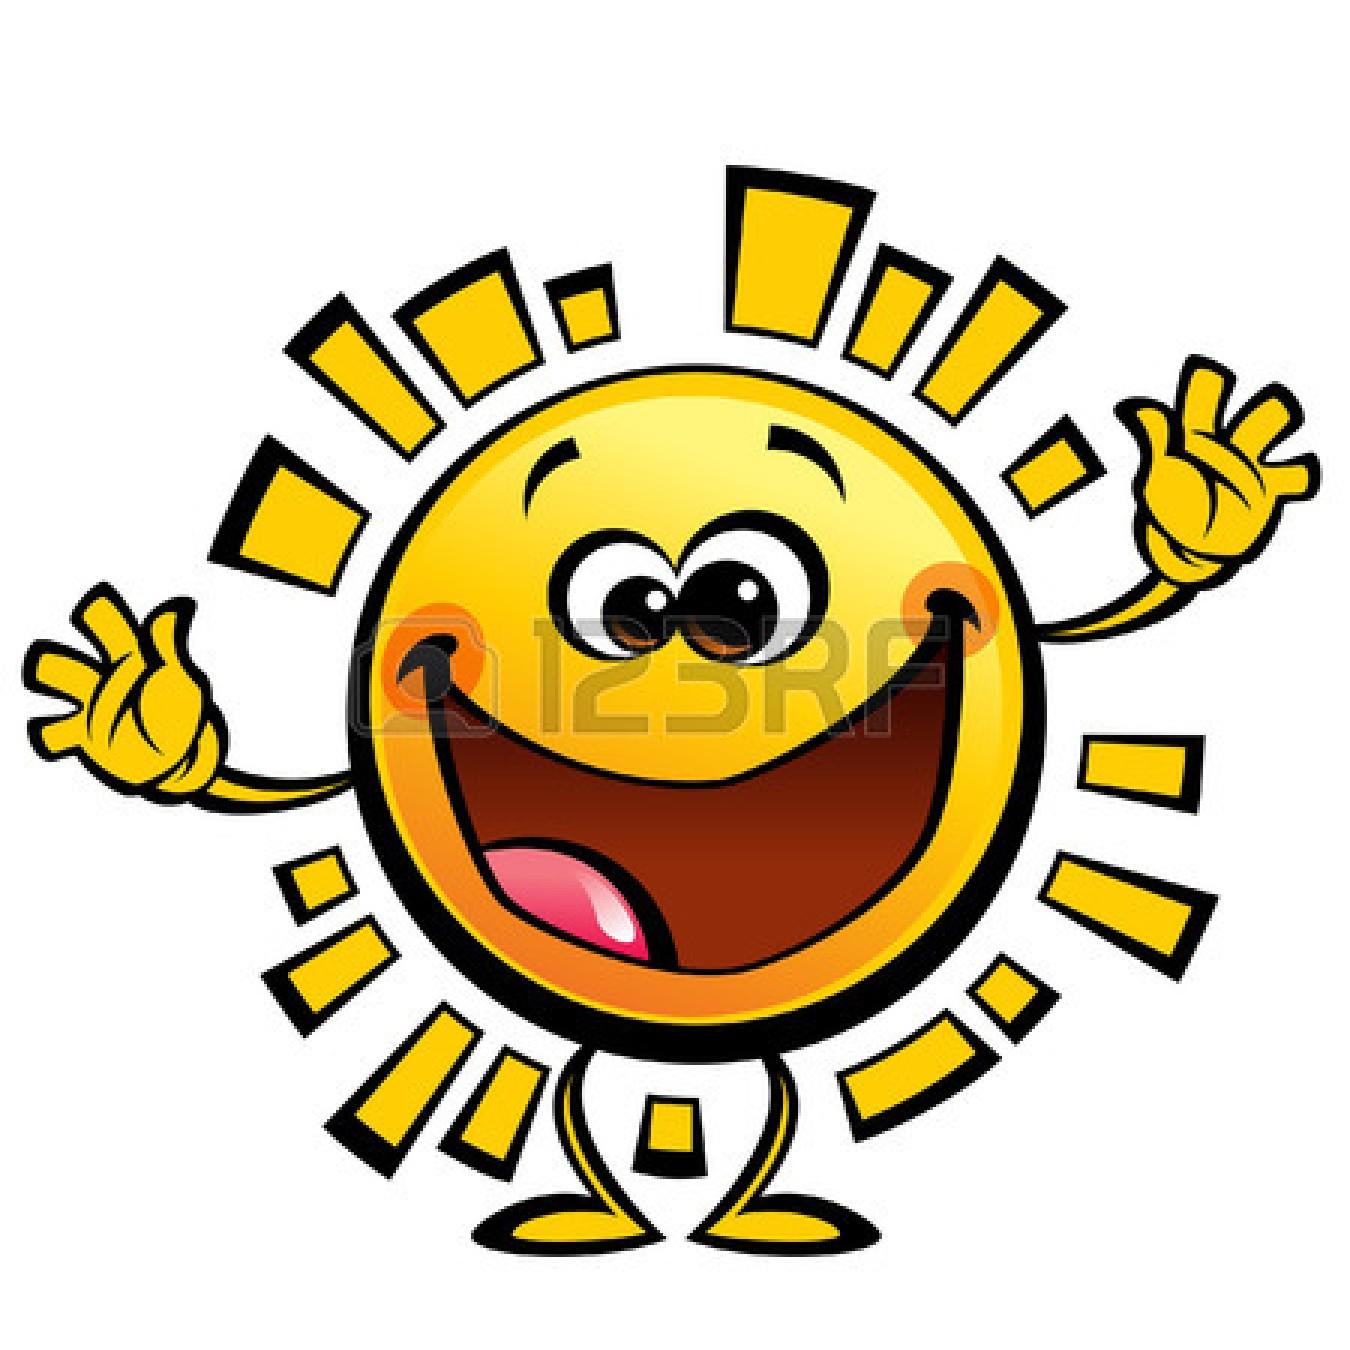 Cute Smiling Sun 26081455 Shining Yellow Cute Smiling Sun Cartoon